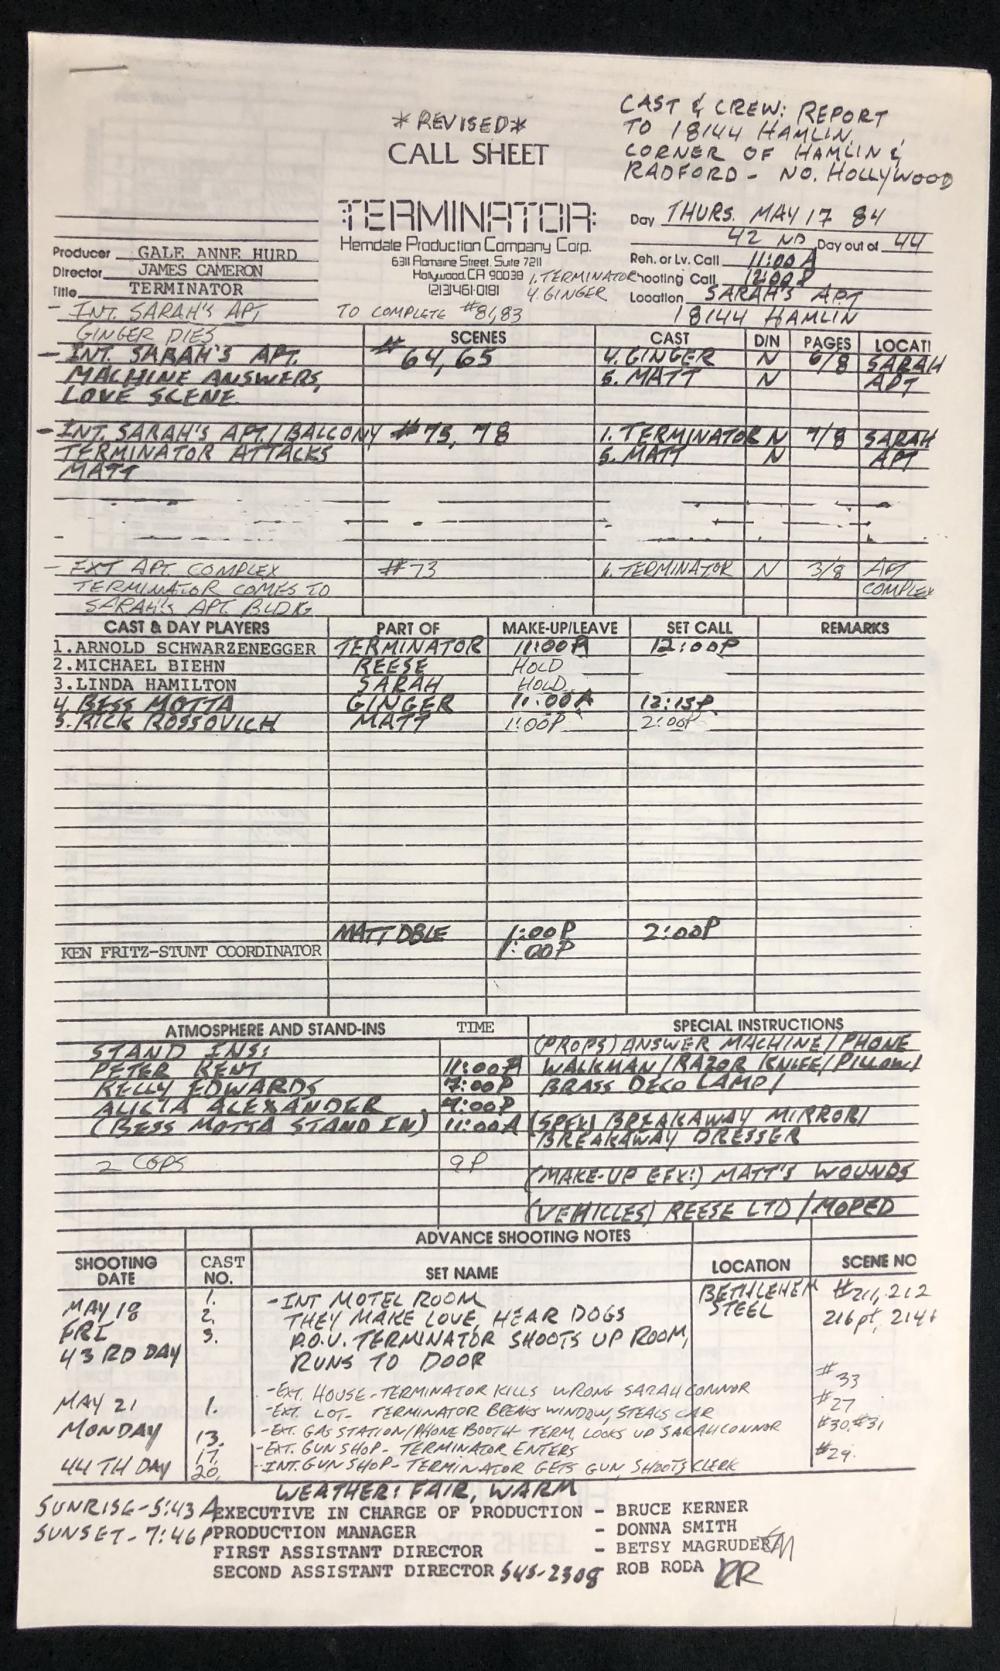 The Terminator (1984) - Original Call Sheet - 5-17-84